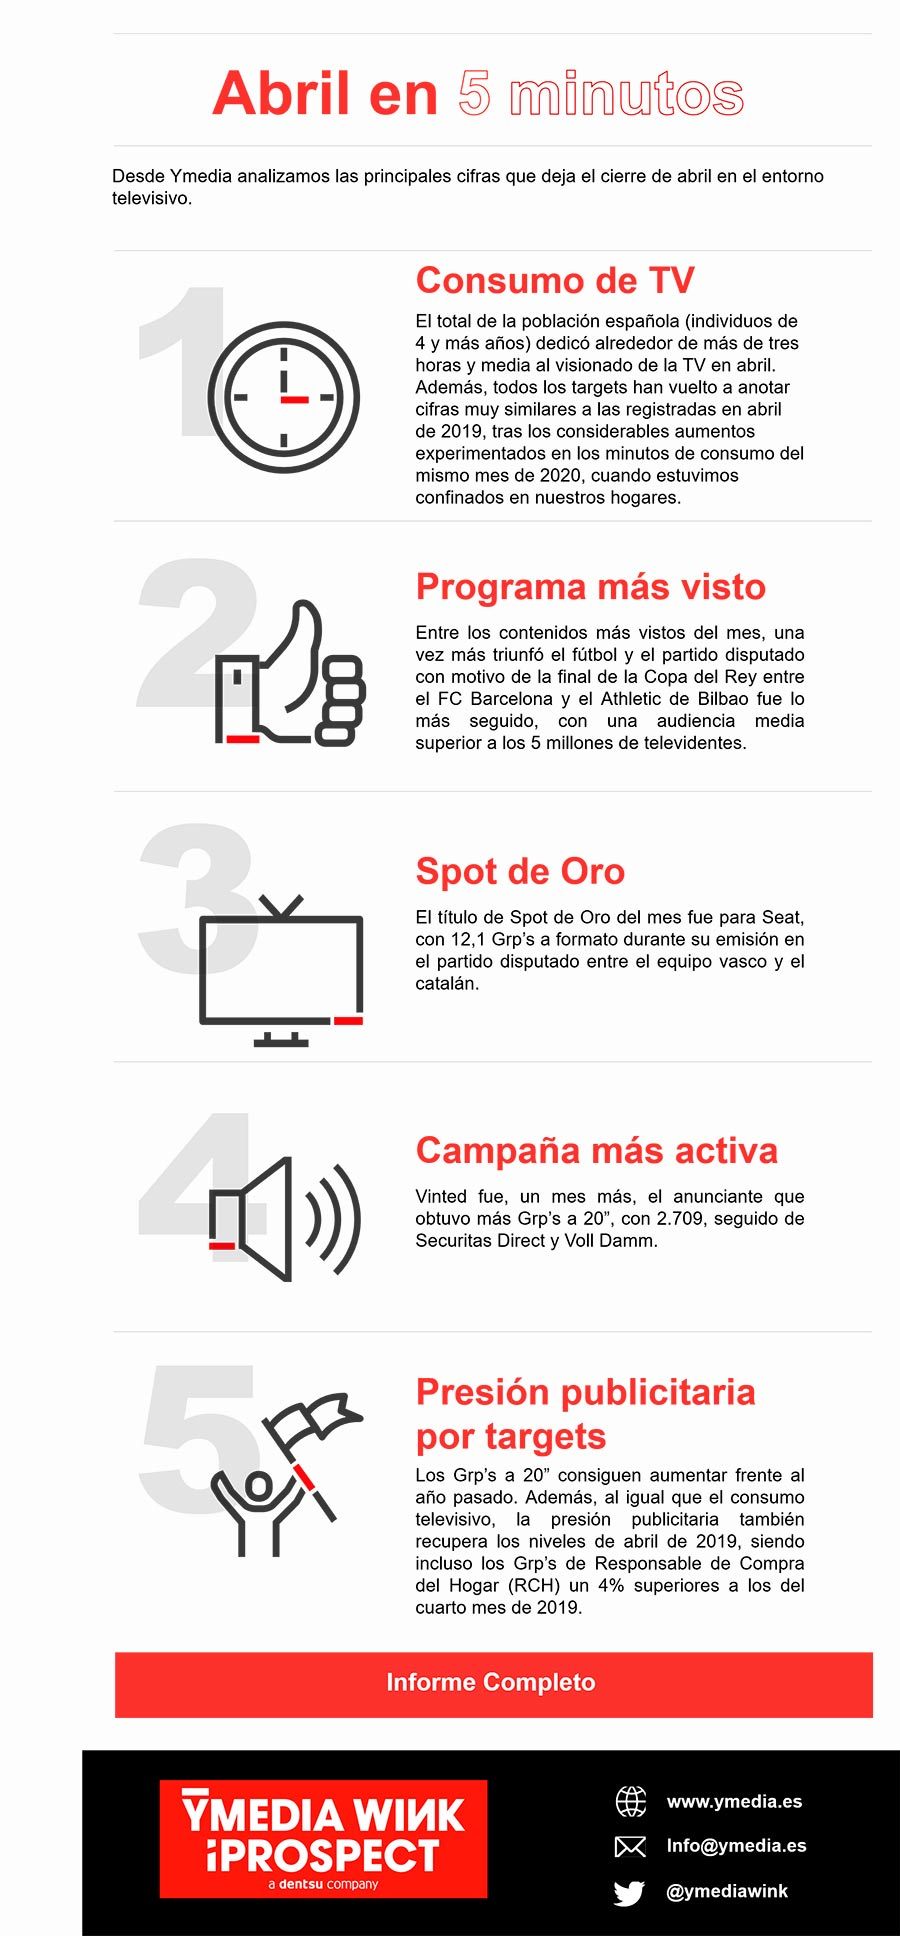 ymedia wink infografia